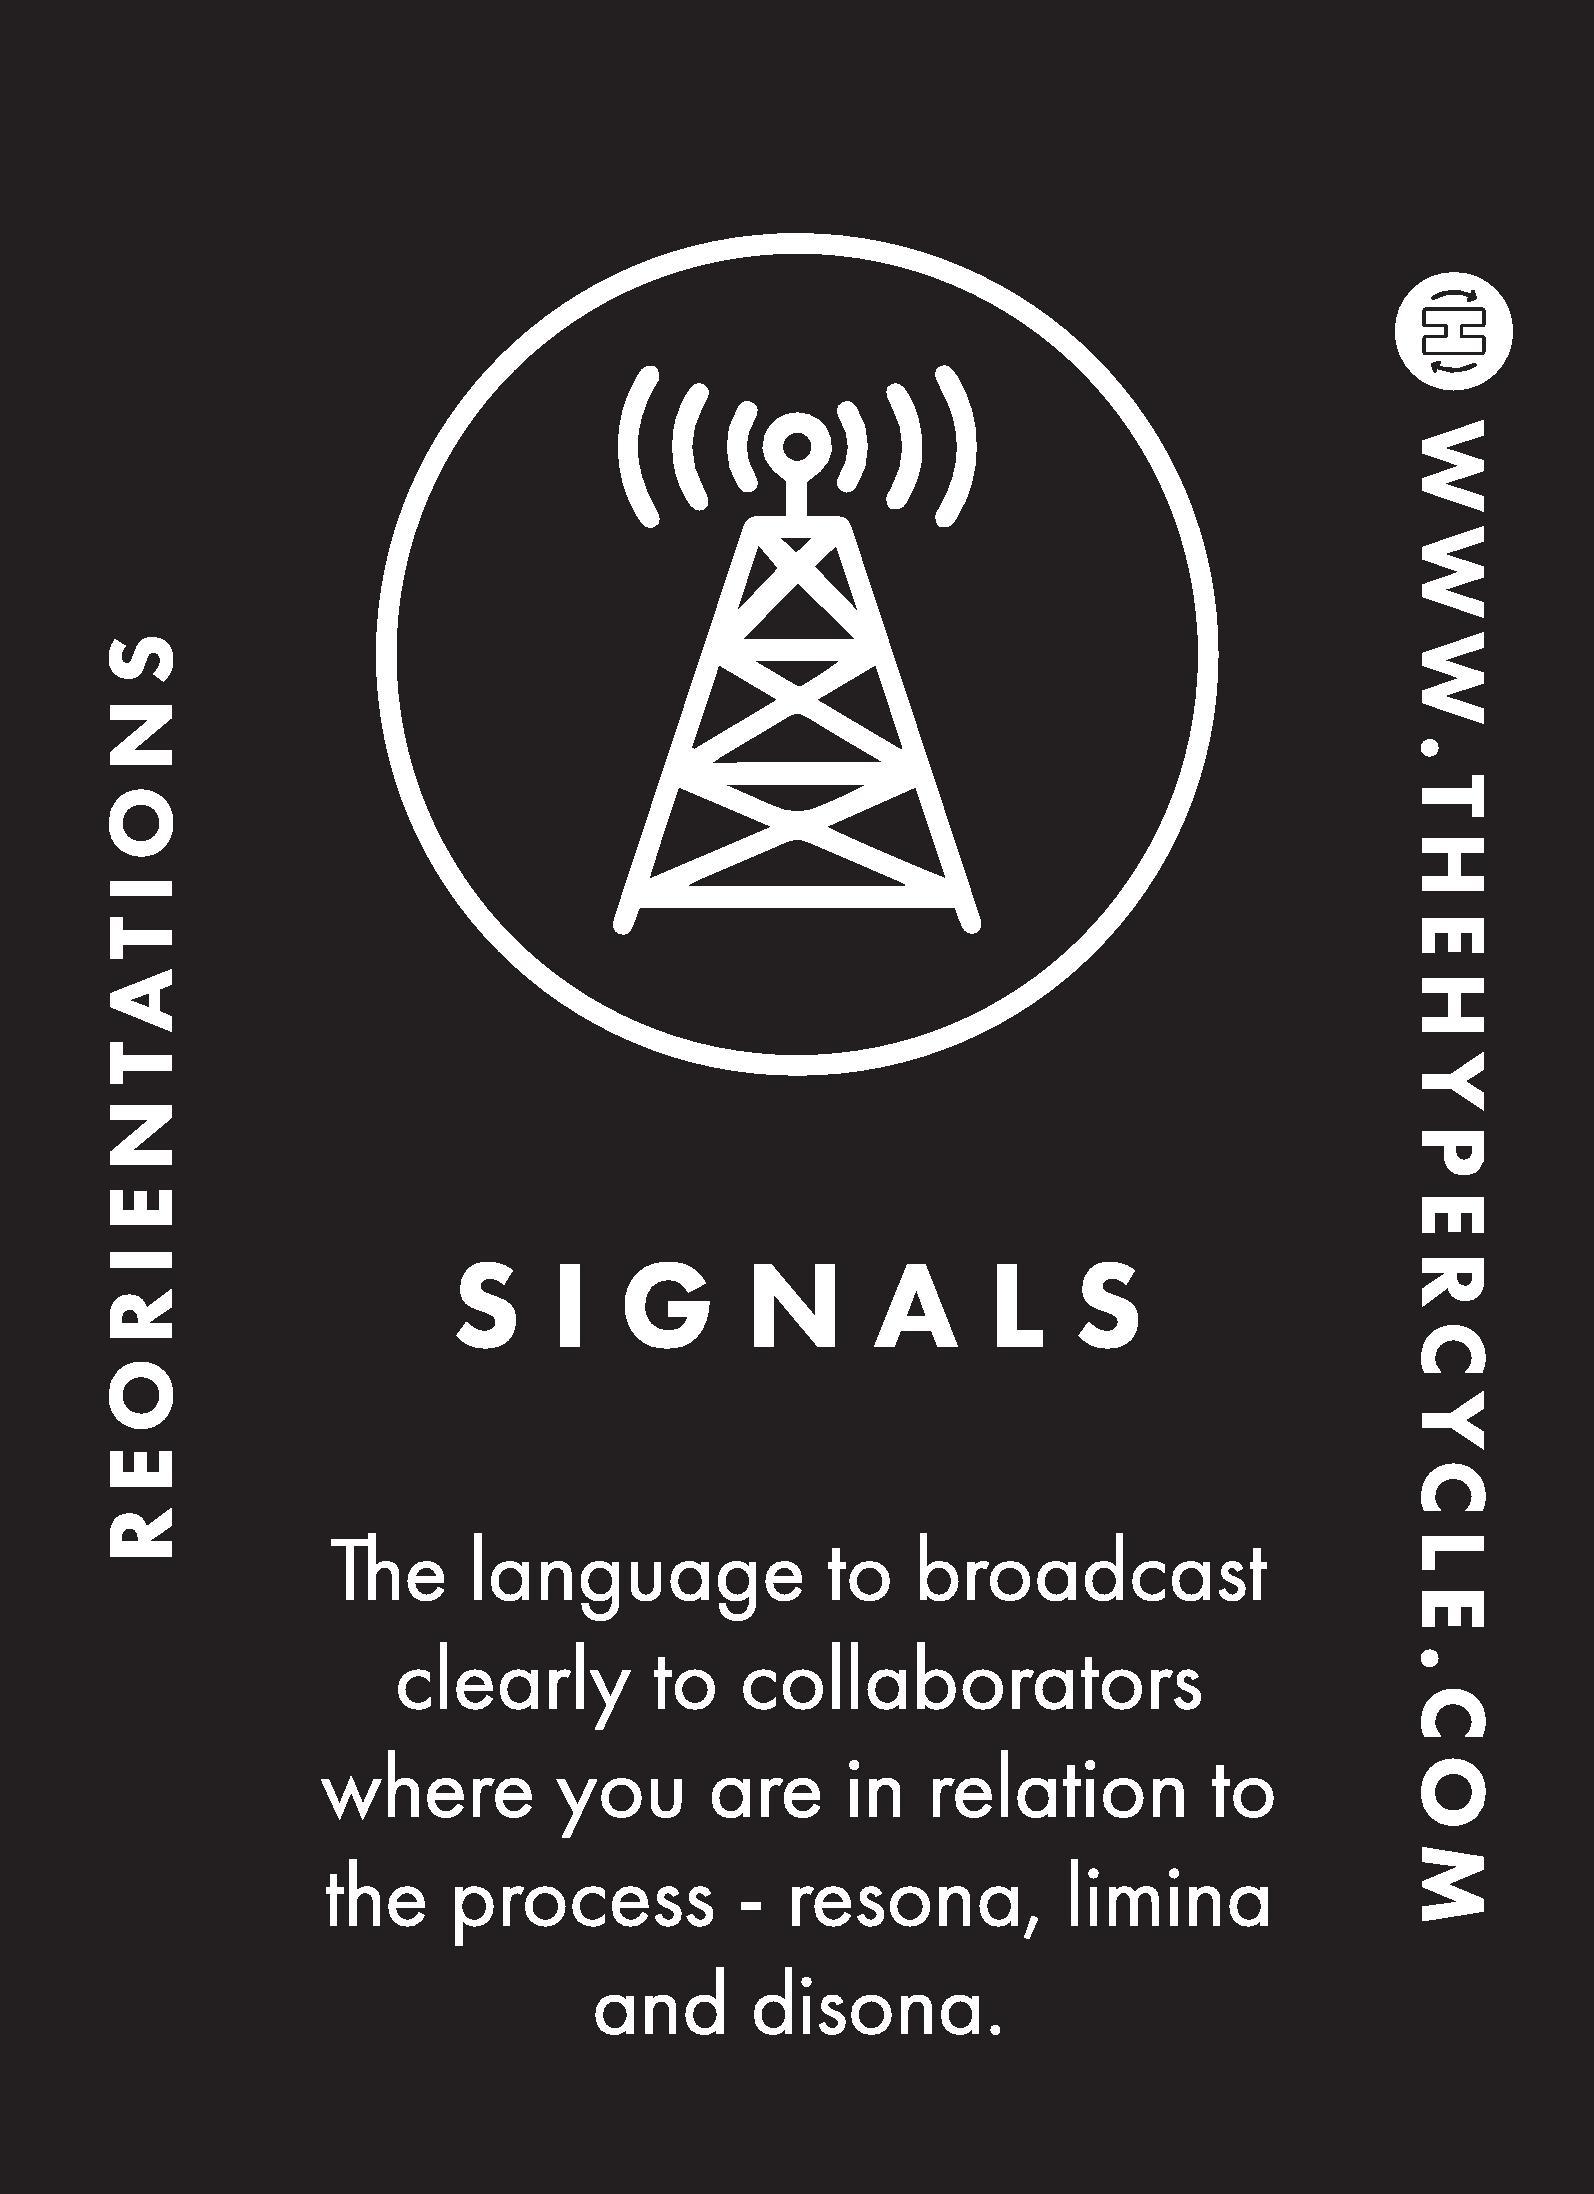 Signals-page-001 (1).jpg